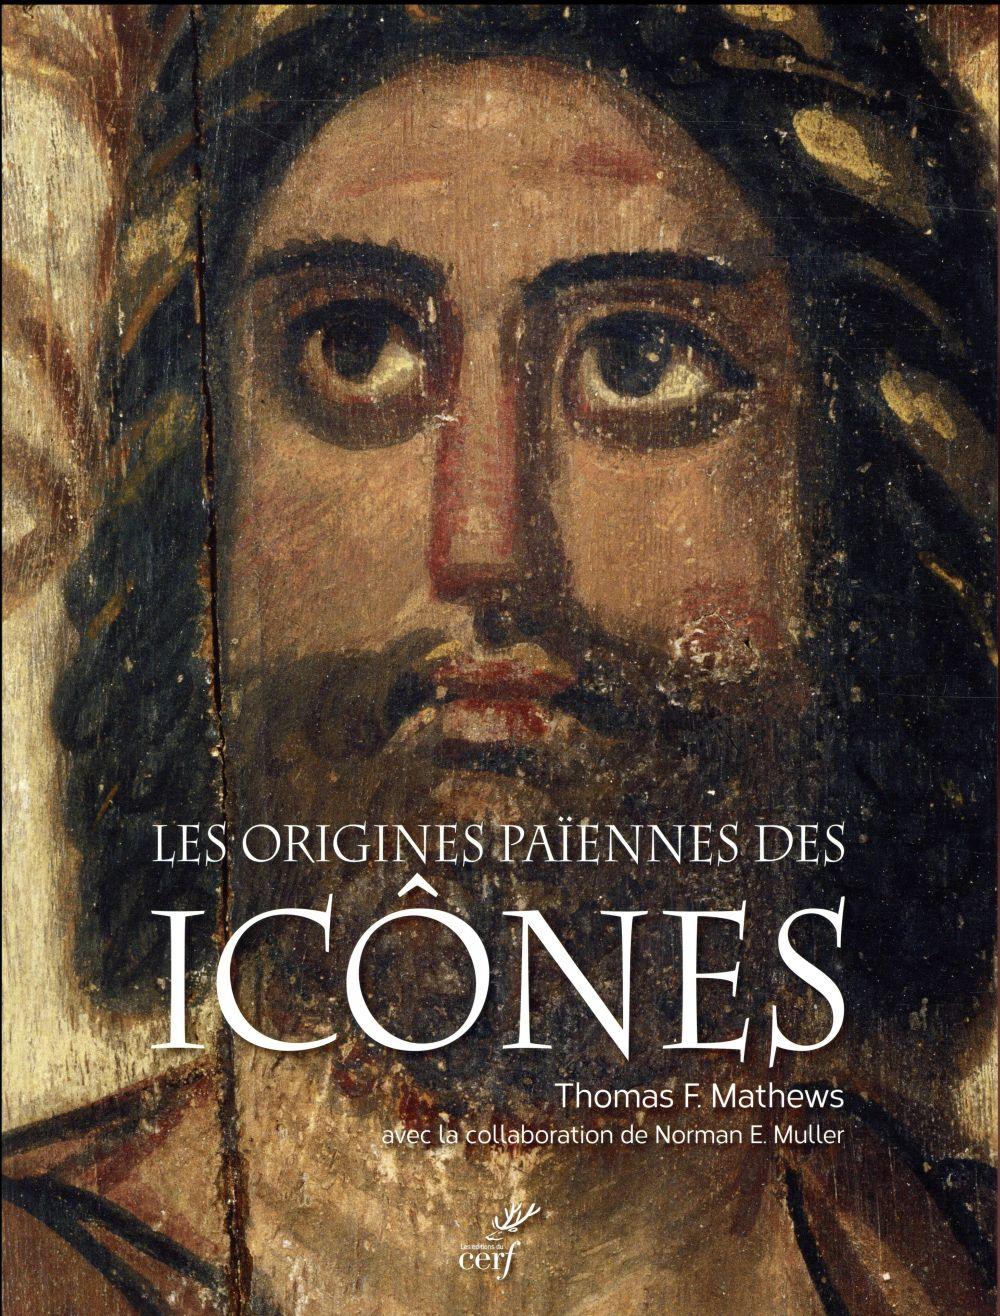 LES ORIGINES PAIENNES DES ICONES